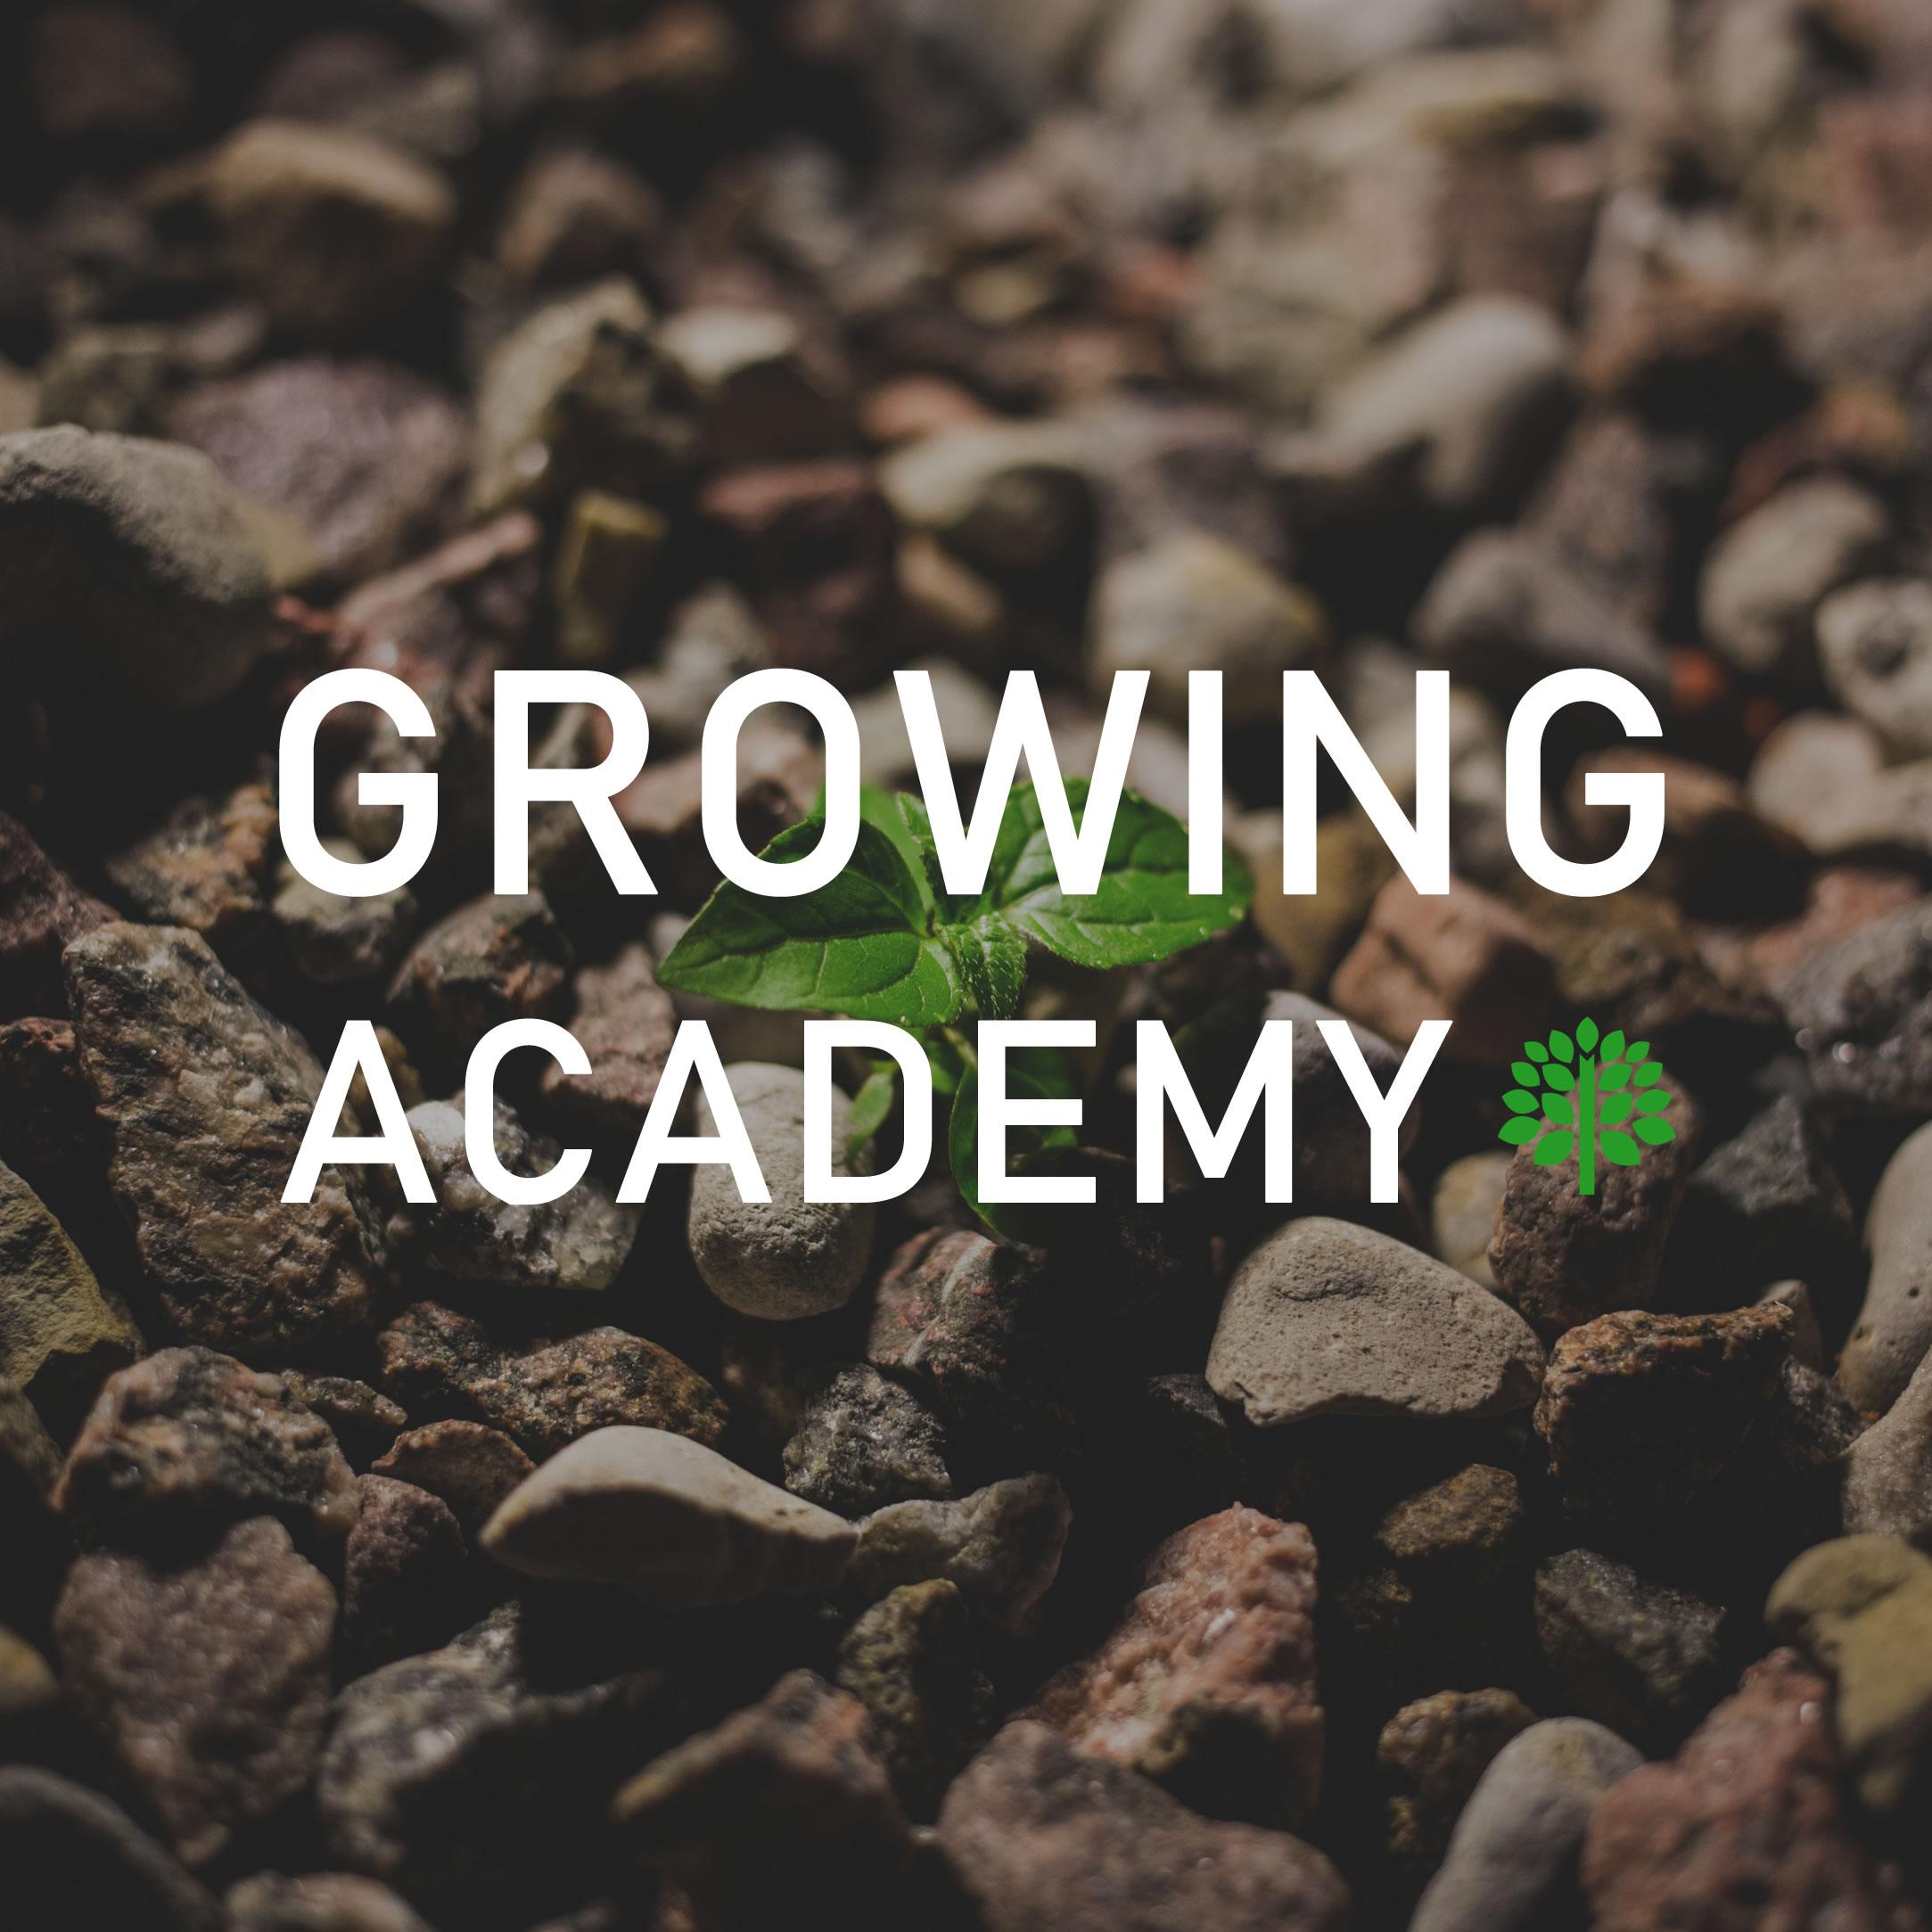 growing-academy